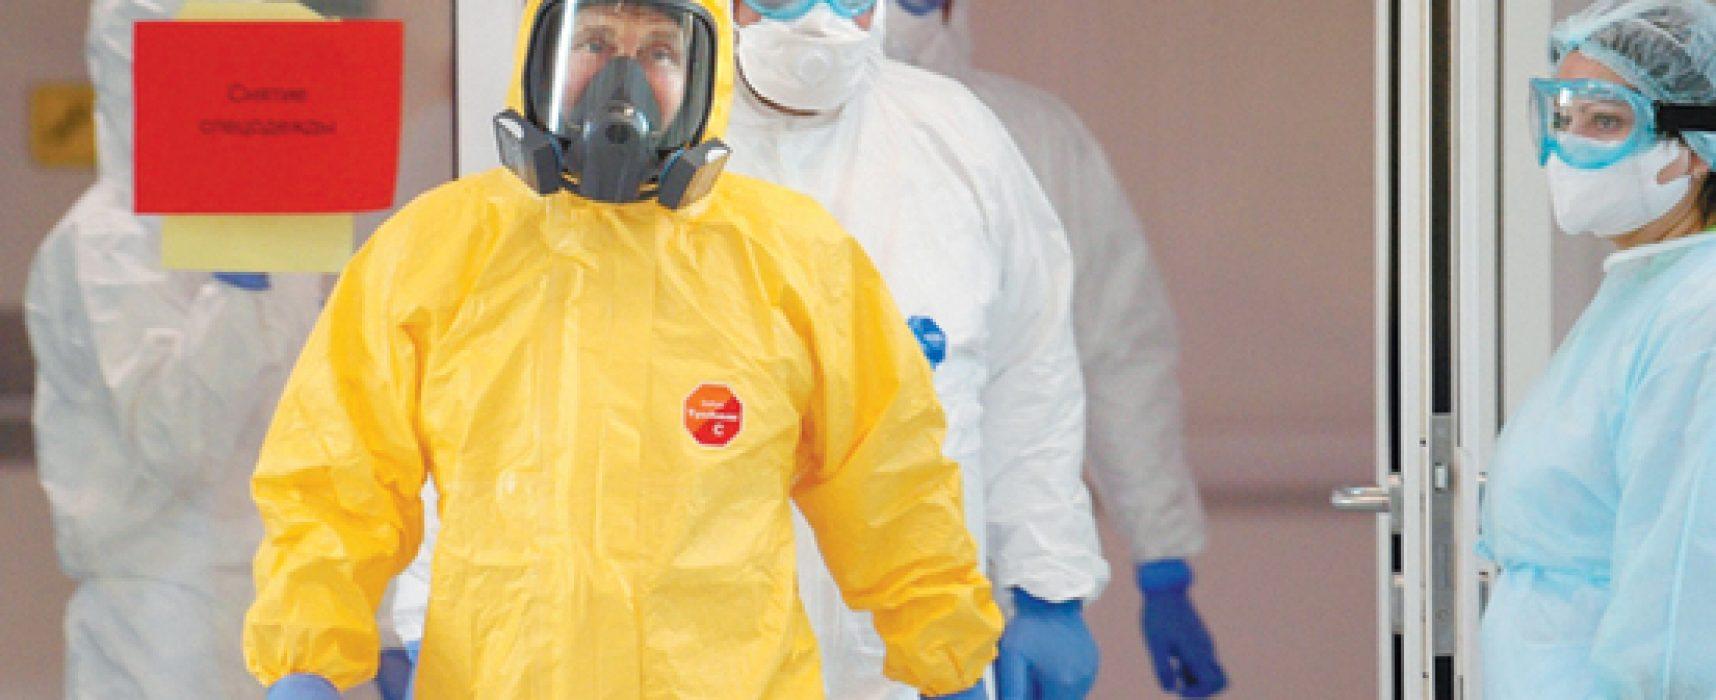 Вирус пропаганды. Как Кремль распространяет фейки о коронавирусе и использует пандемию для отмены санкций